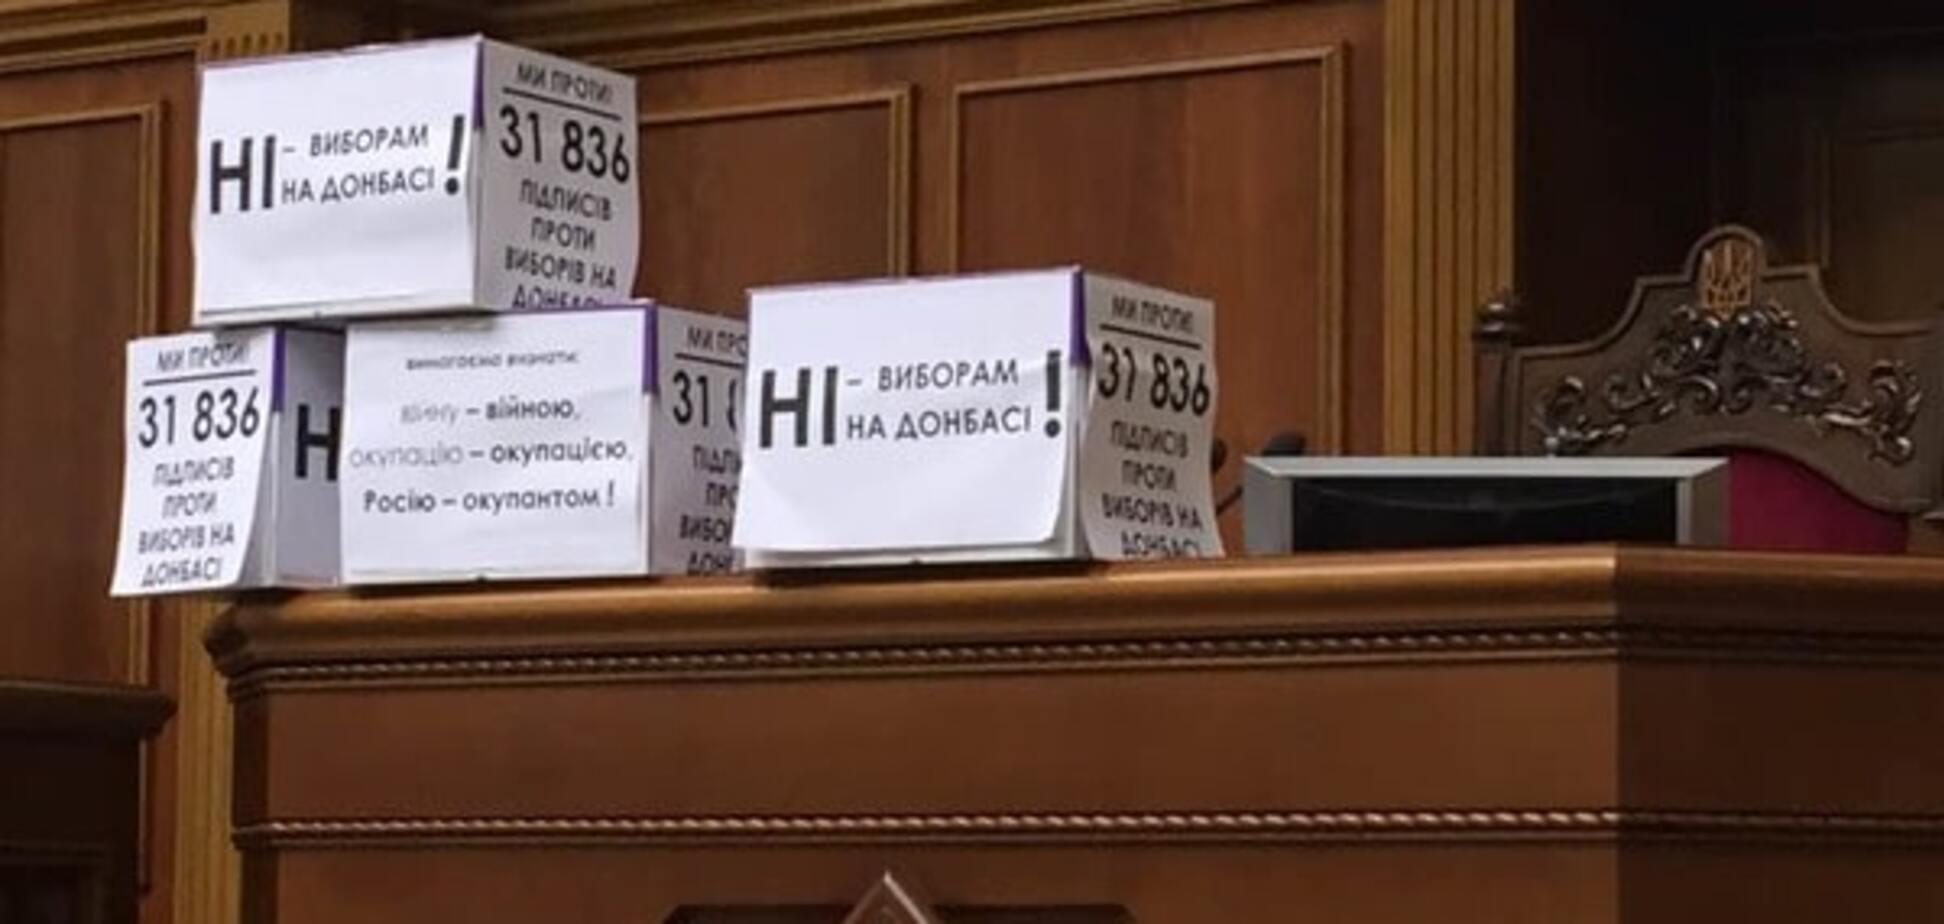 Ультиматум: 'Самопоміч' потребовала принять закон об оккупированных территориях